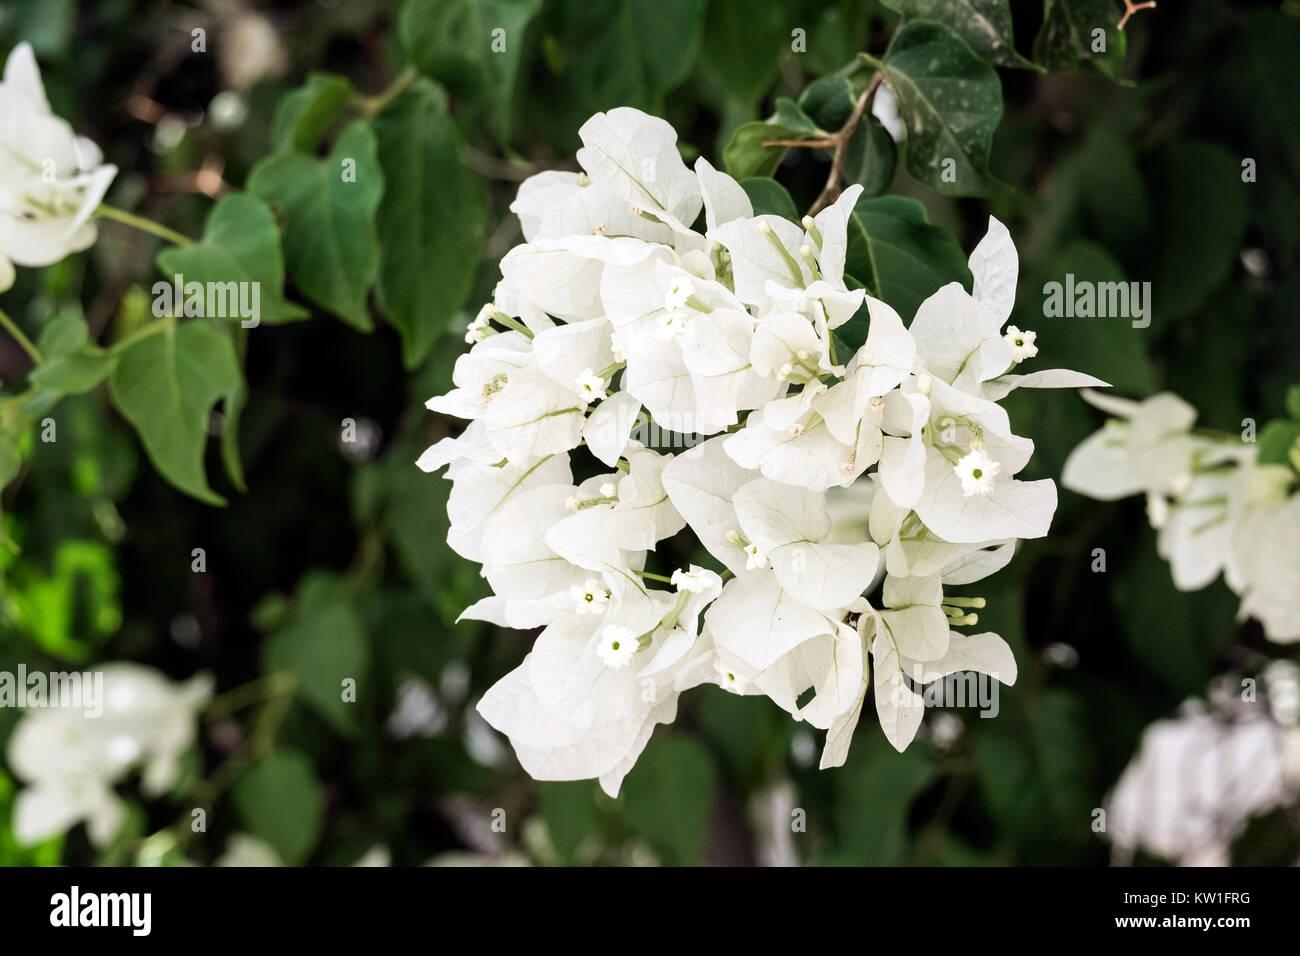 White flowers of the evergreen shrub Bougainvillea (Bougainvillea glabra) - Stock Image